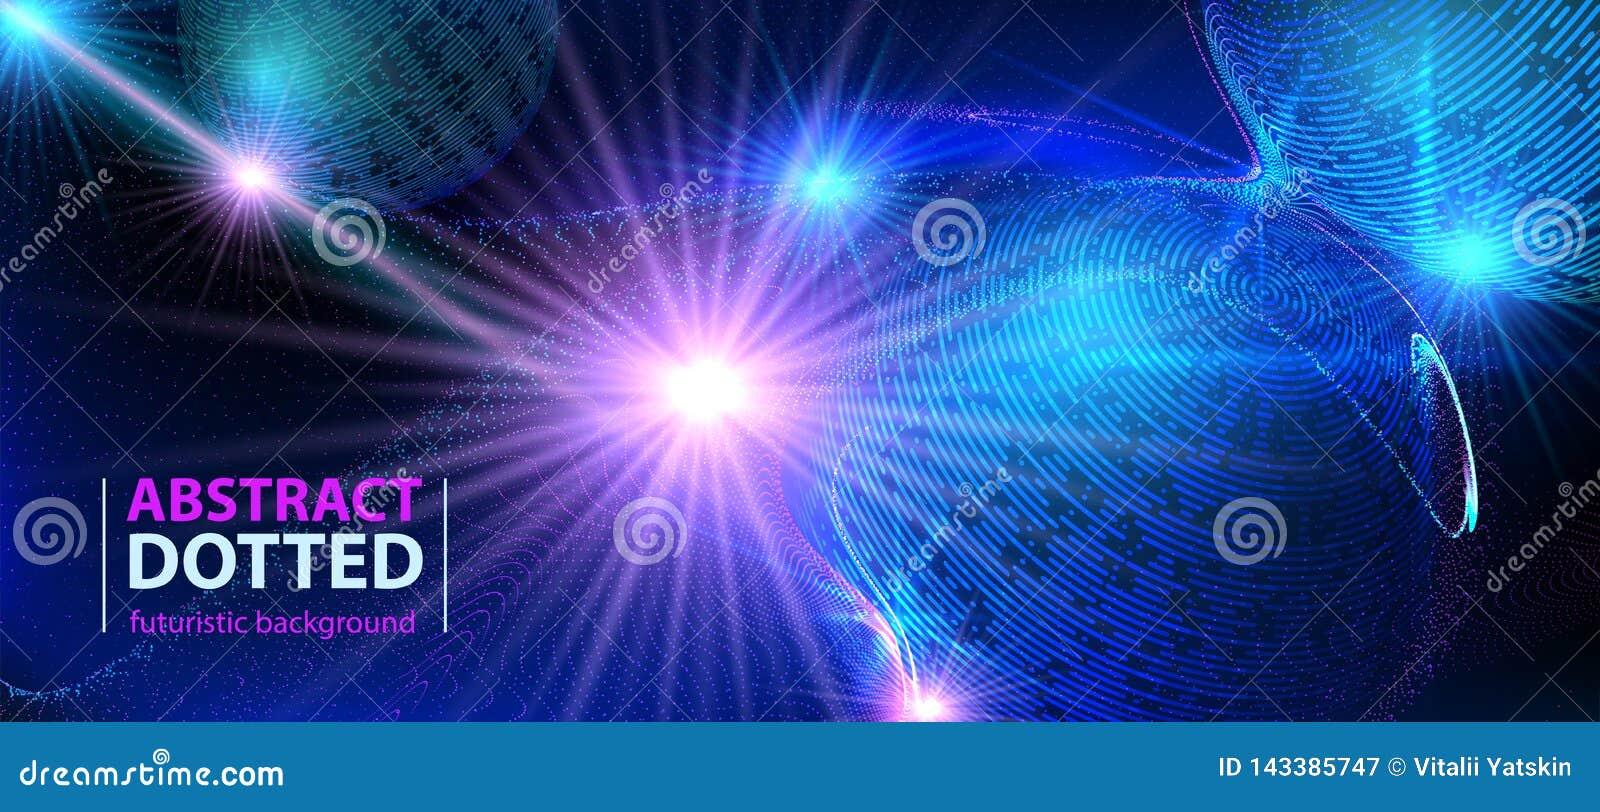 Zusammenfassungstechnologiefuturistischer blauer Neonradiallicht-Explosionseffekt Digital-Elementkreise Halbton